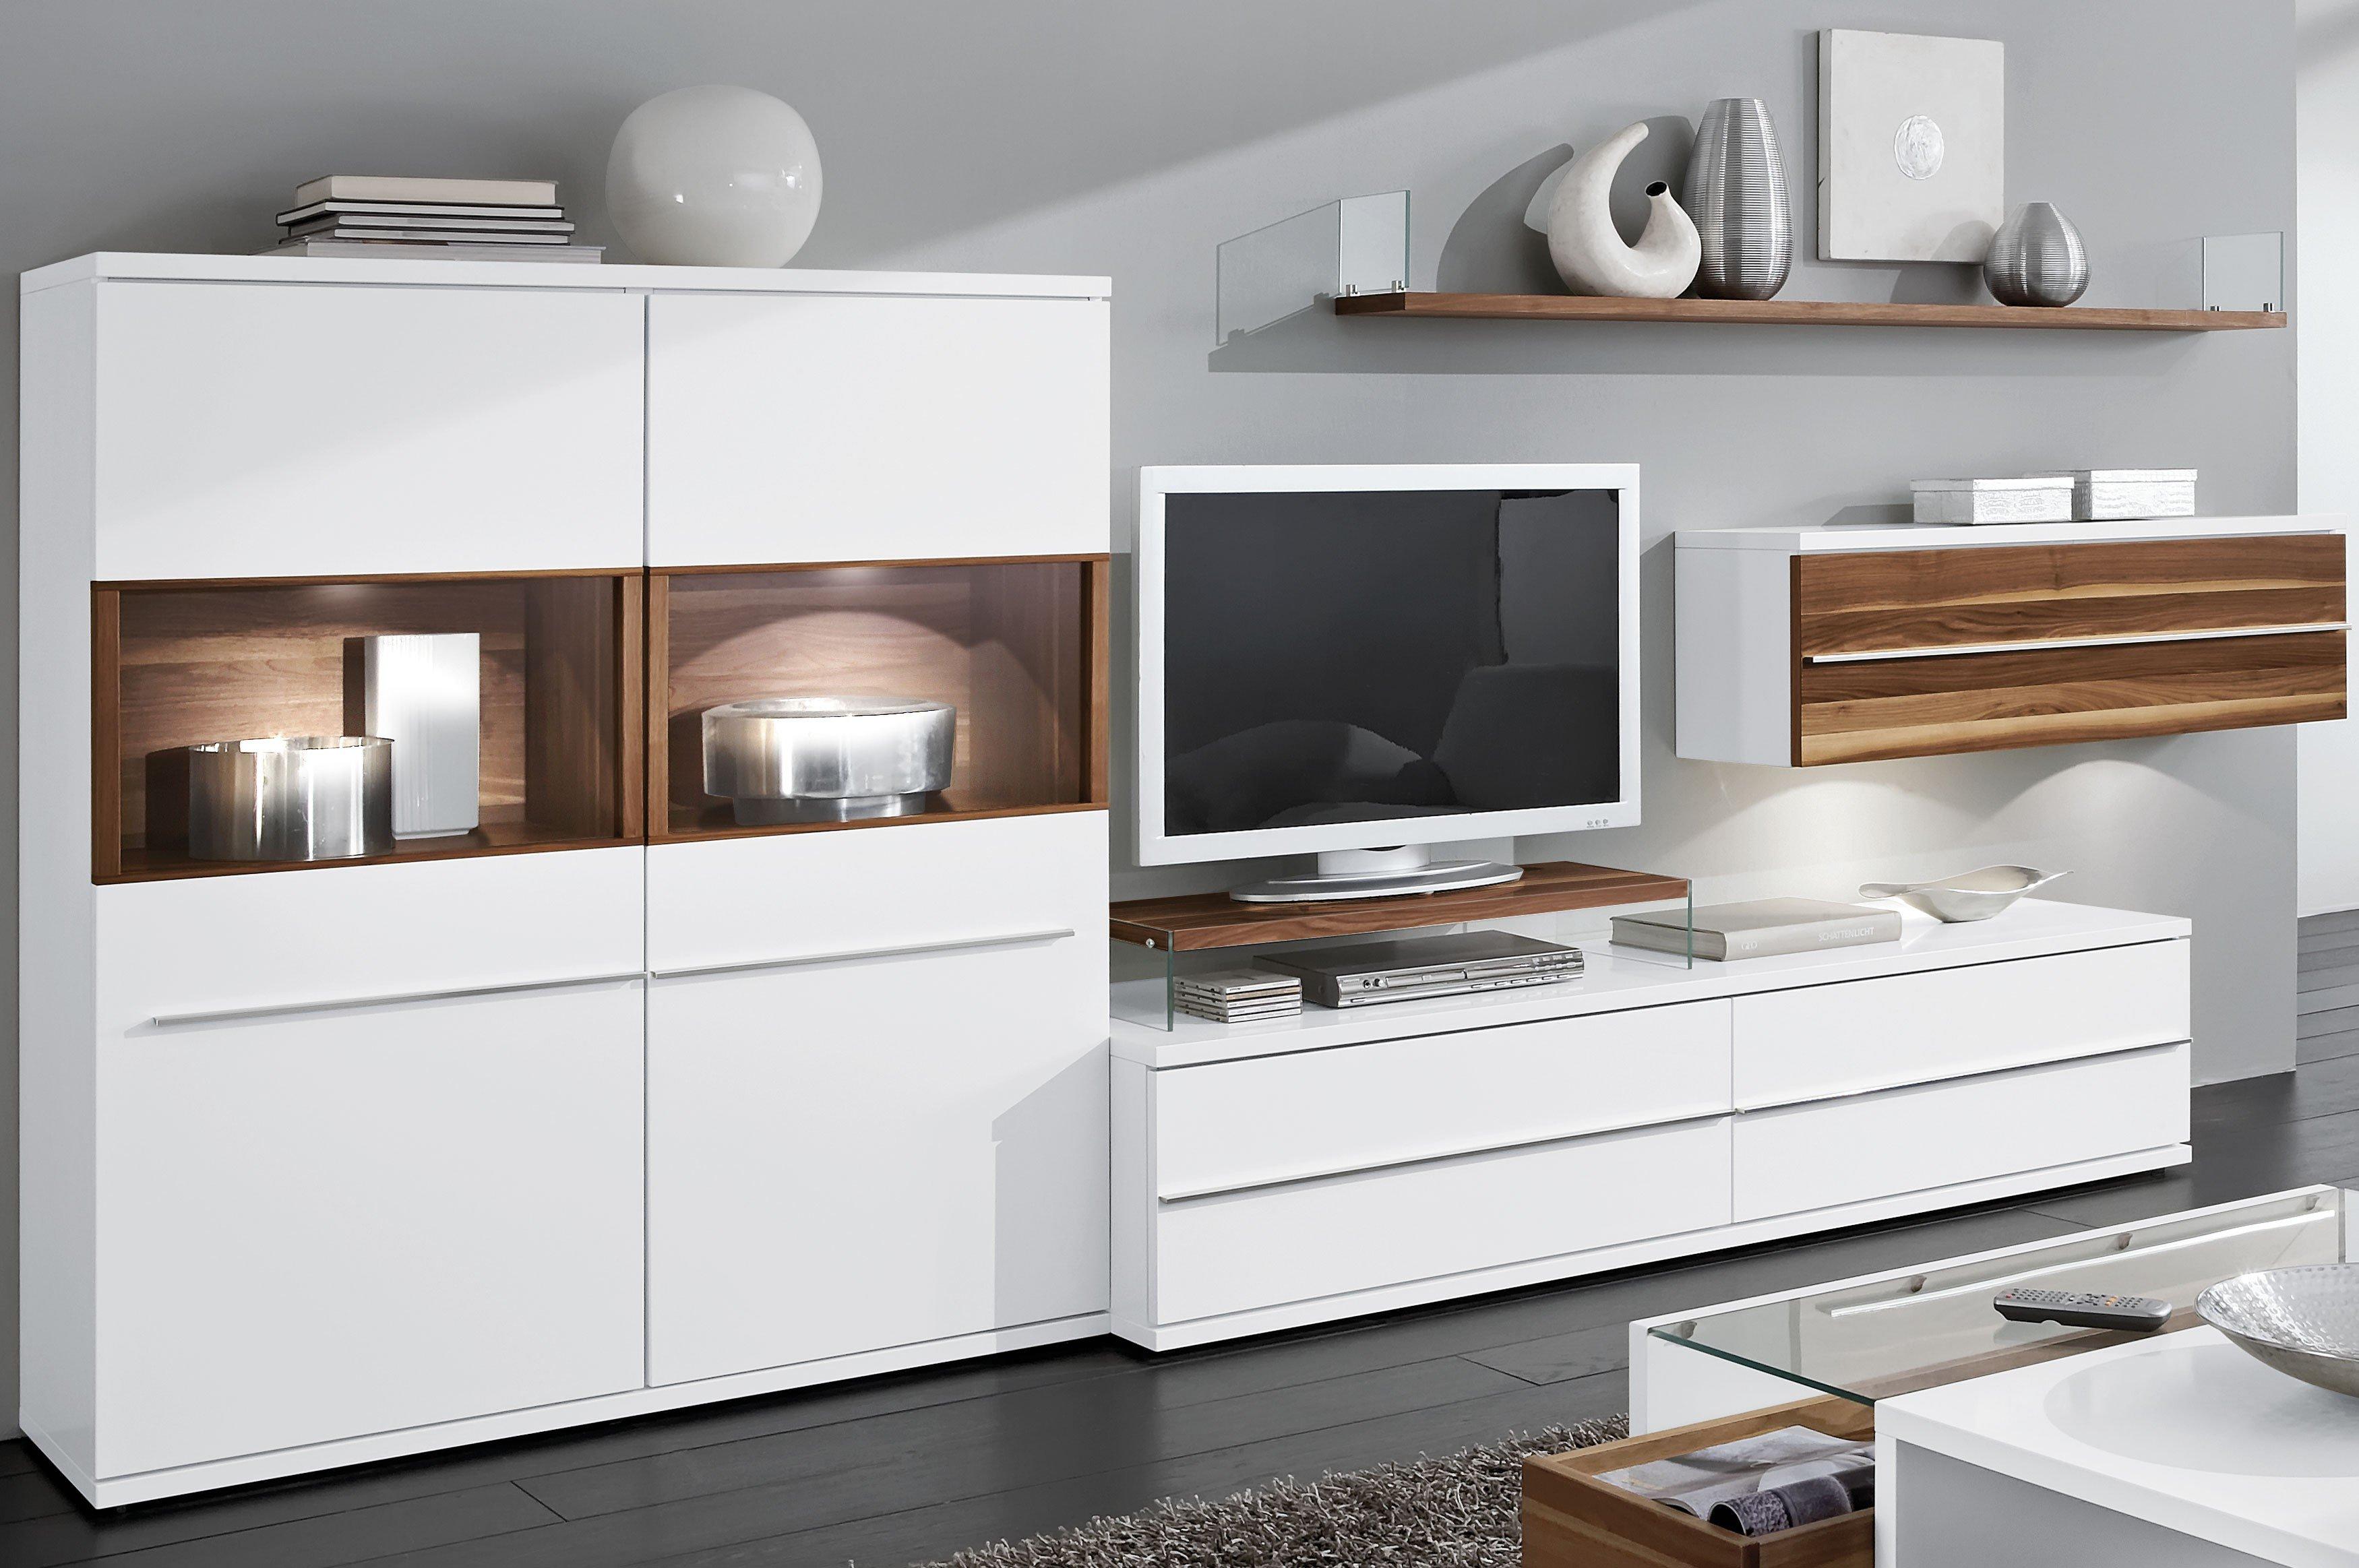 loddenkemper kito wohnwand 9777 wei caruba nuss m bel letz ihr online shop. Black Bedroom Furniture Sets. Home Design Ideas